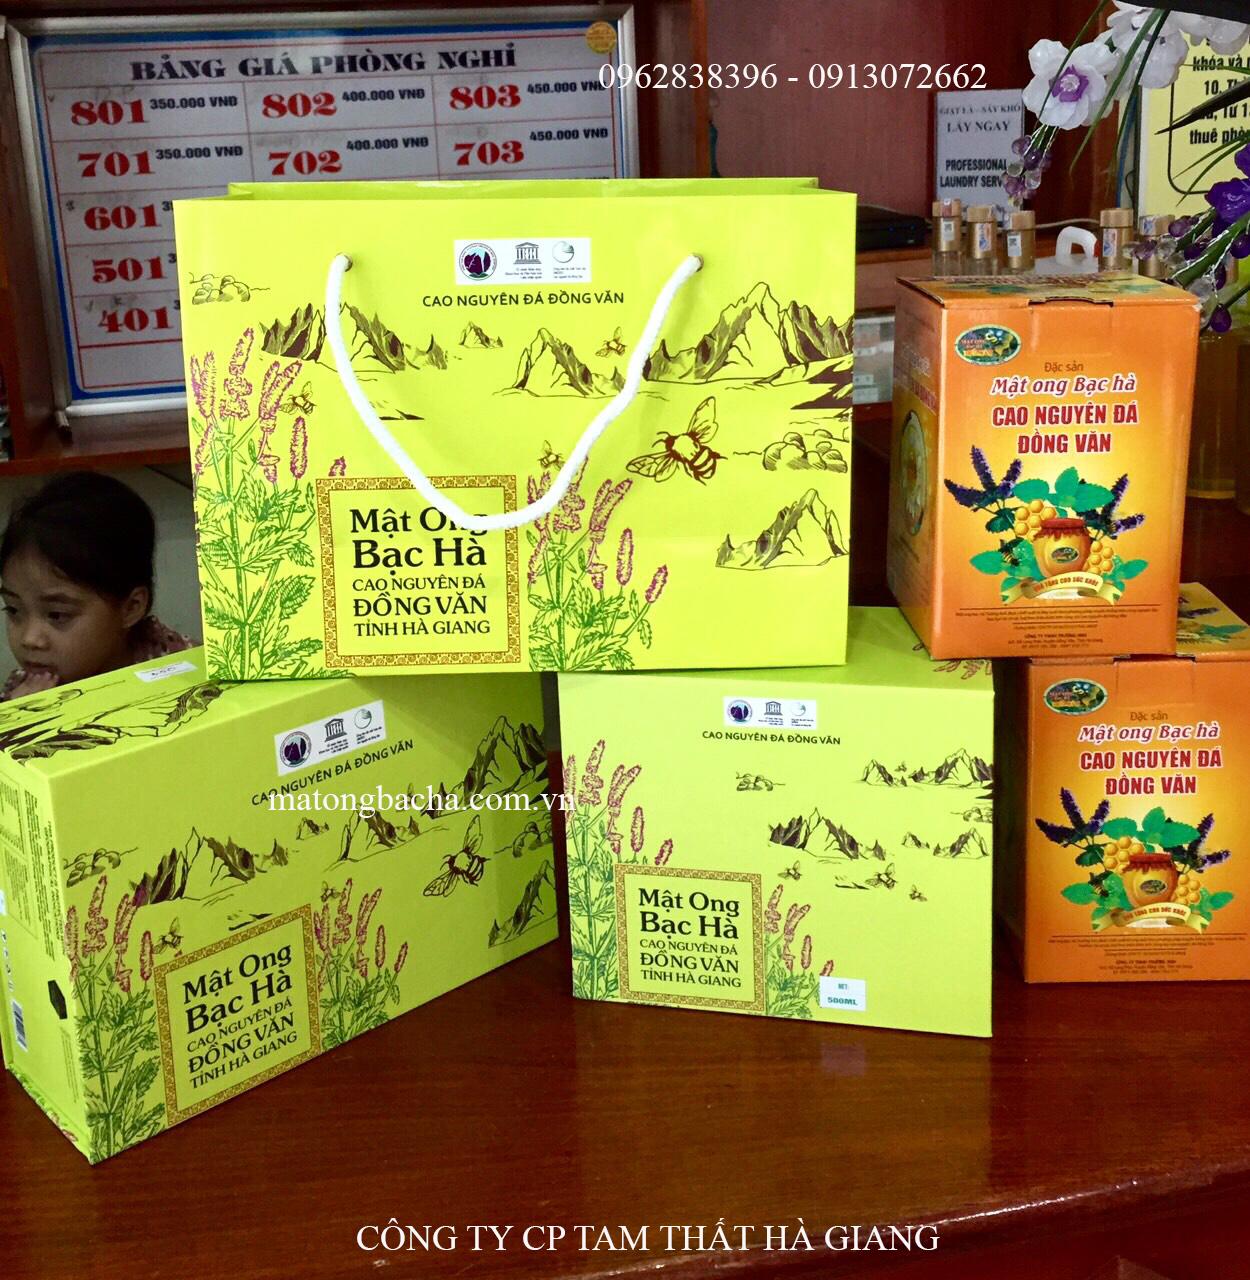 Mua mật ong bạc hà ở Sài Gòn